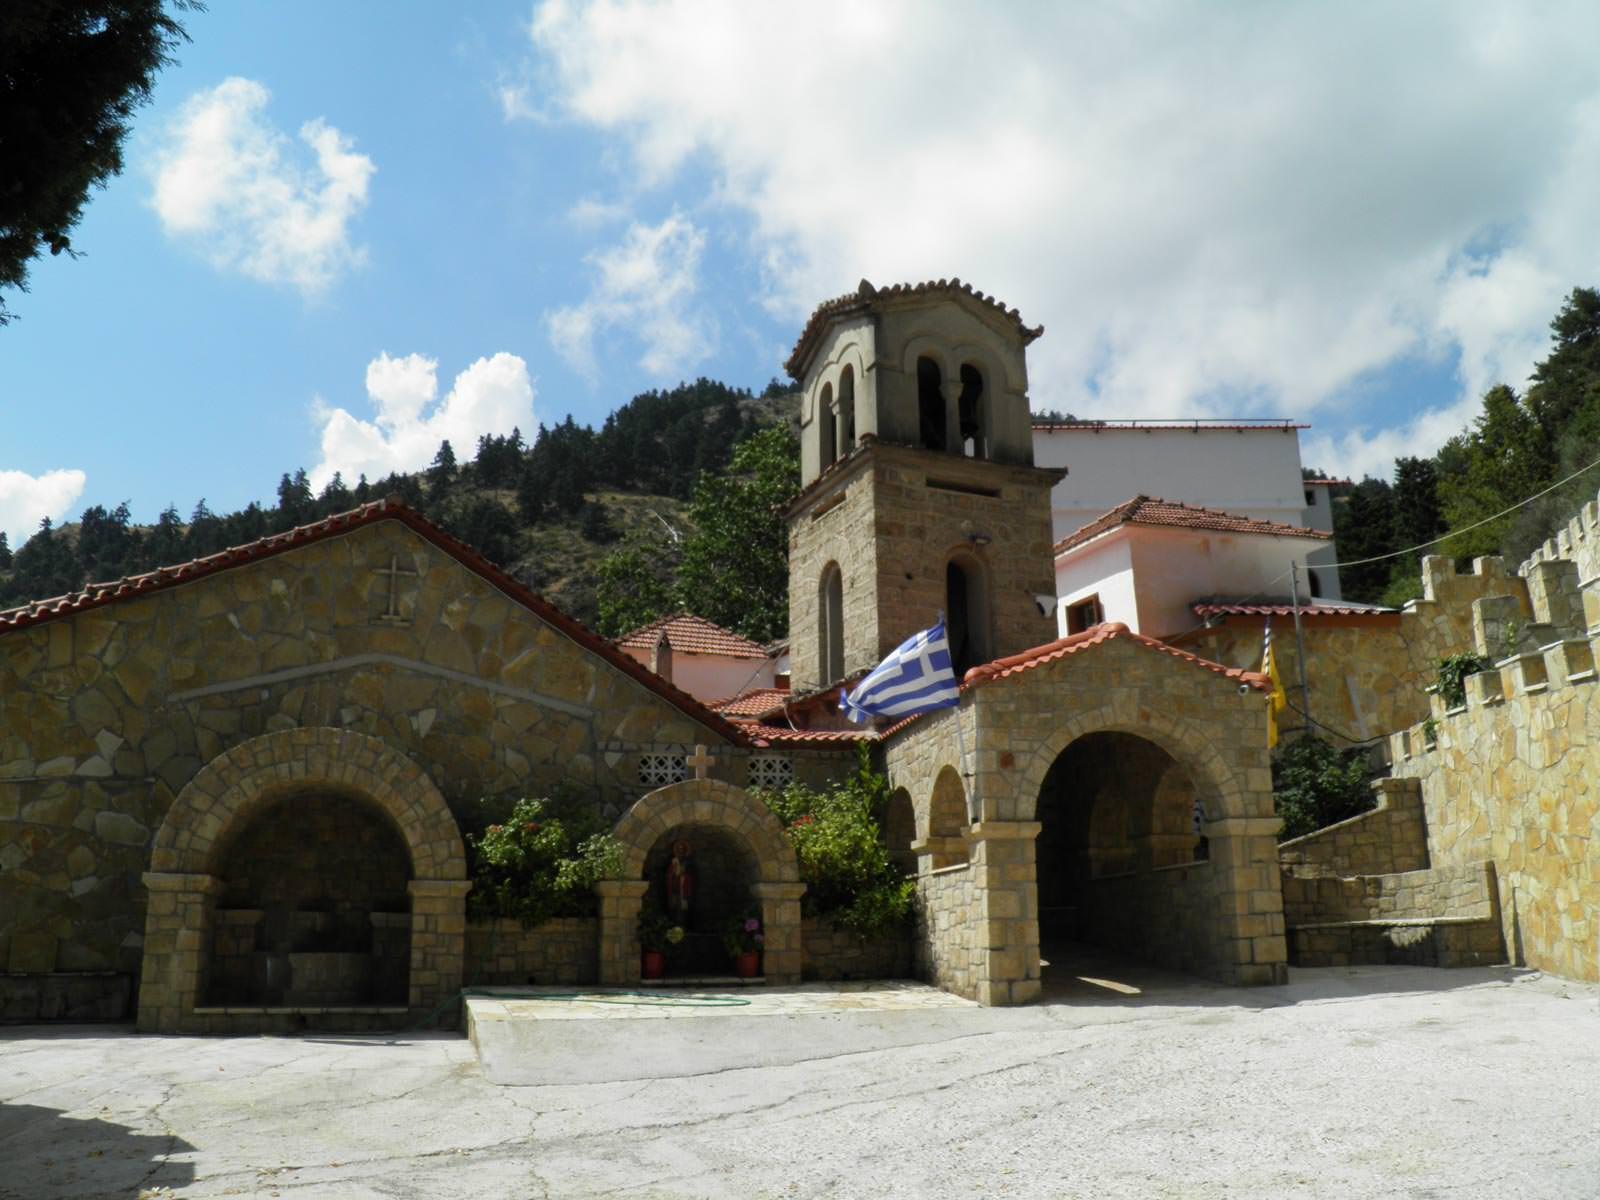 Ιερά Μονή Αγίου Βλασίου Τρίκαλα